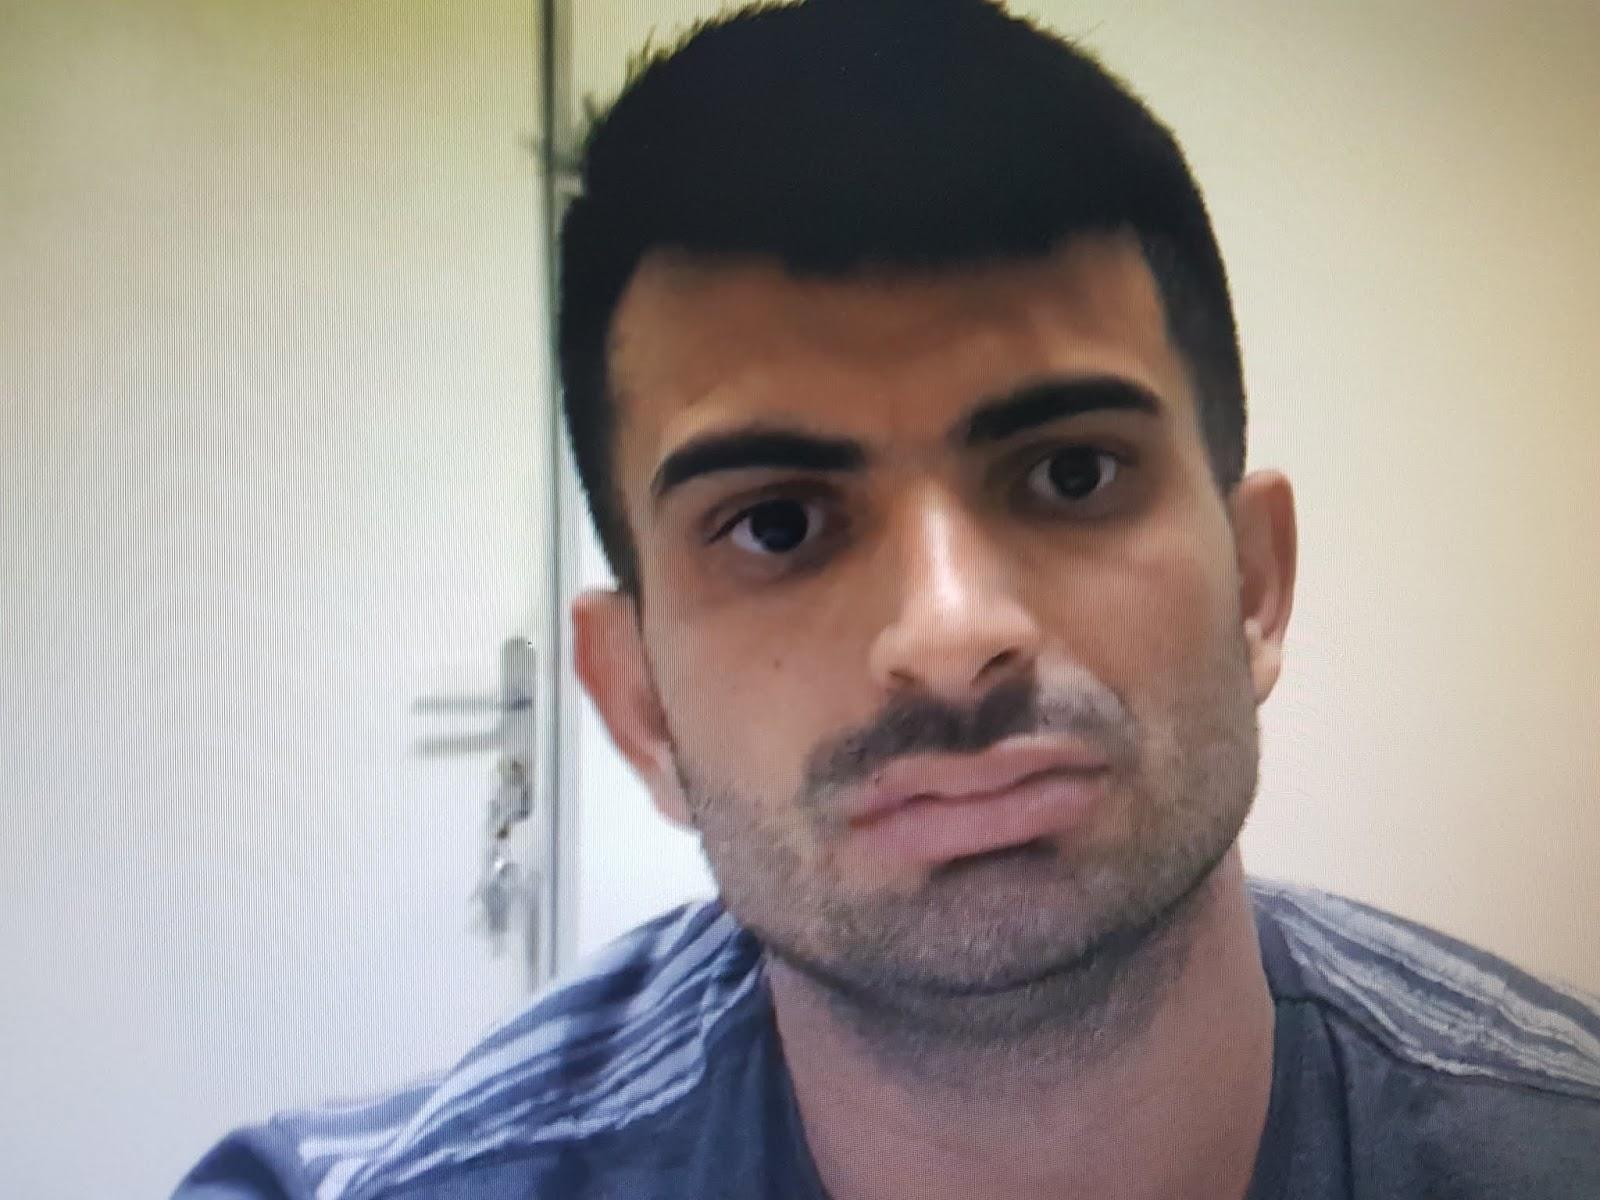 Homem mata ex-mulher e altera cena do crime para parecer suicídio em Mossoró